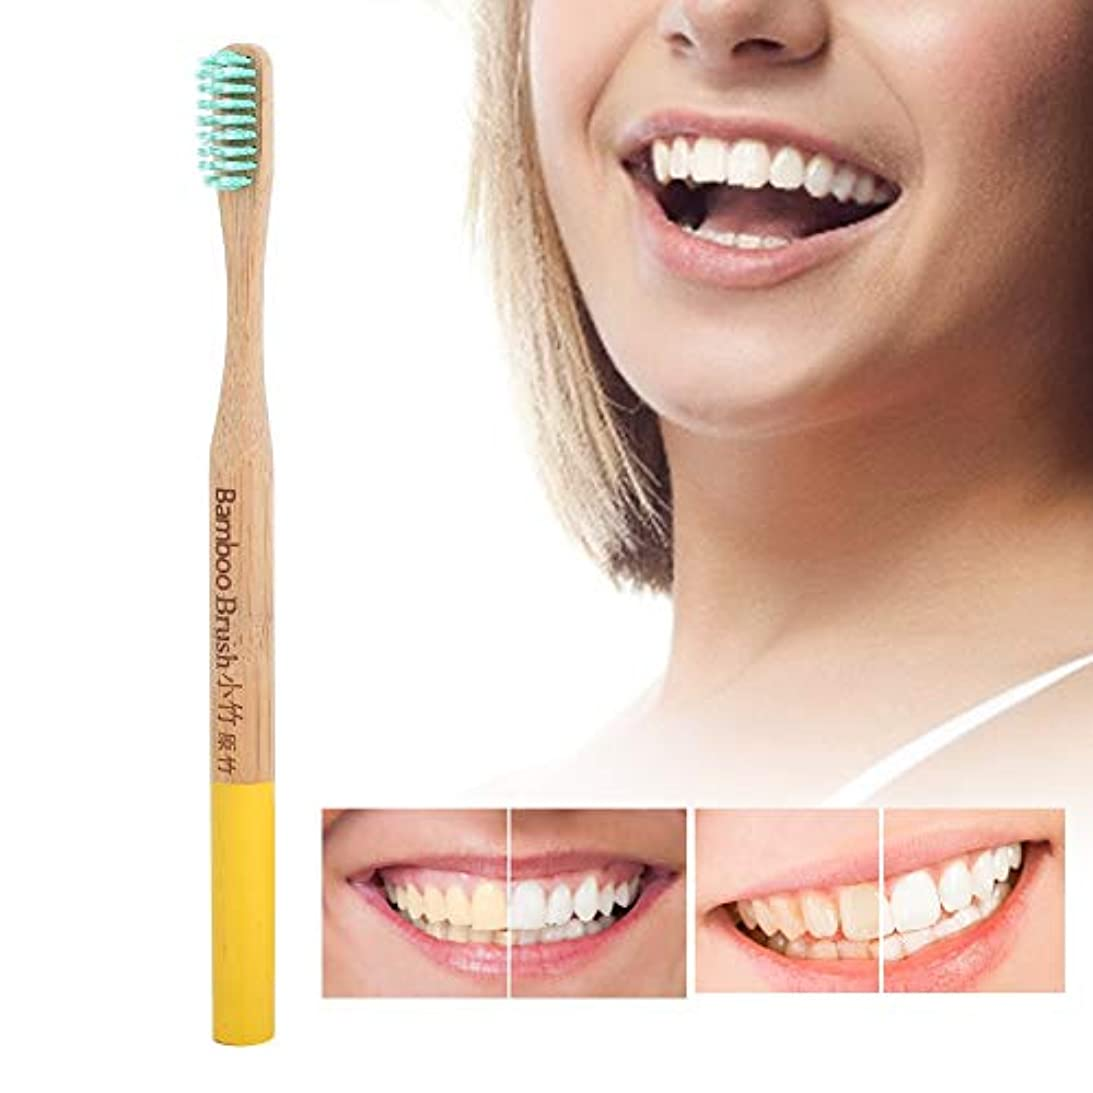 その間担当者風邪をひく歯ブラシソフト細毛竹柄歯ブラシ国内タイプ